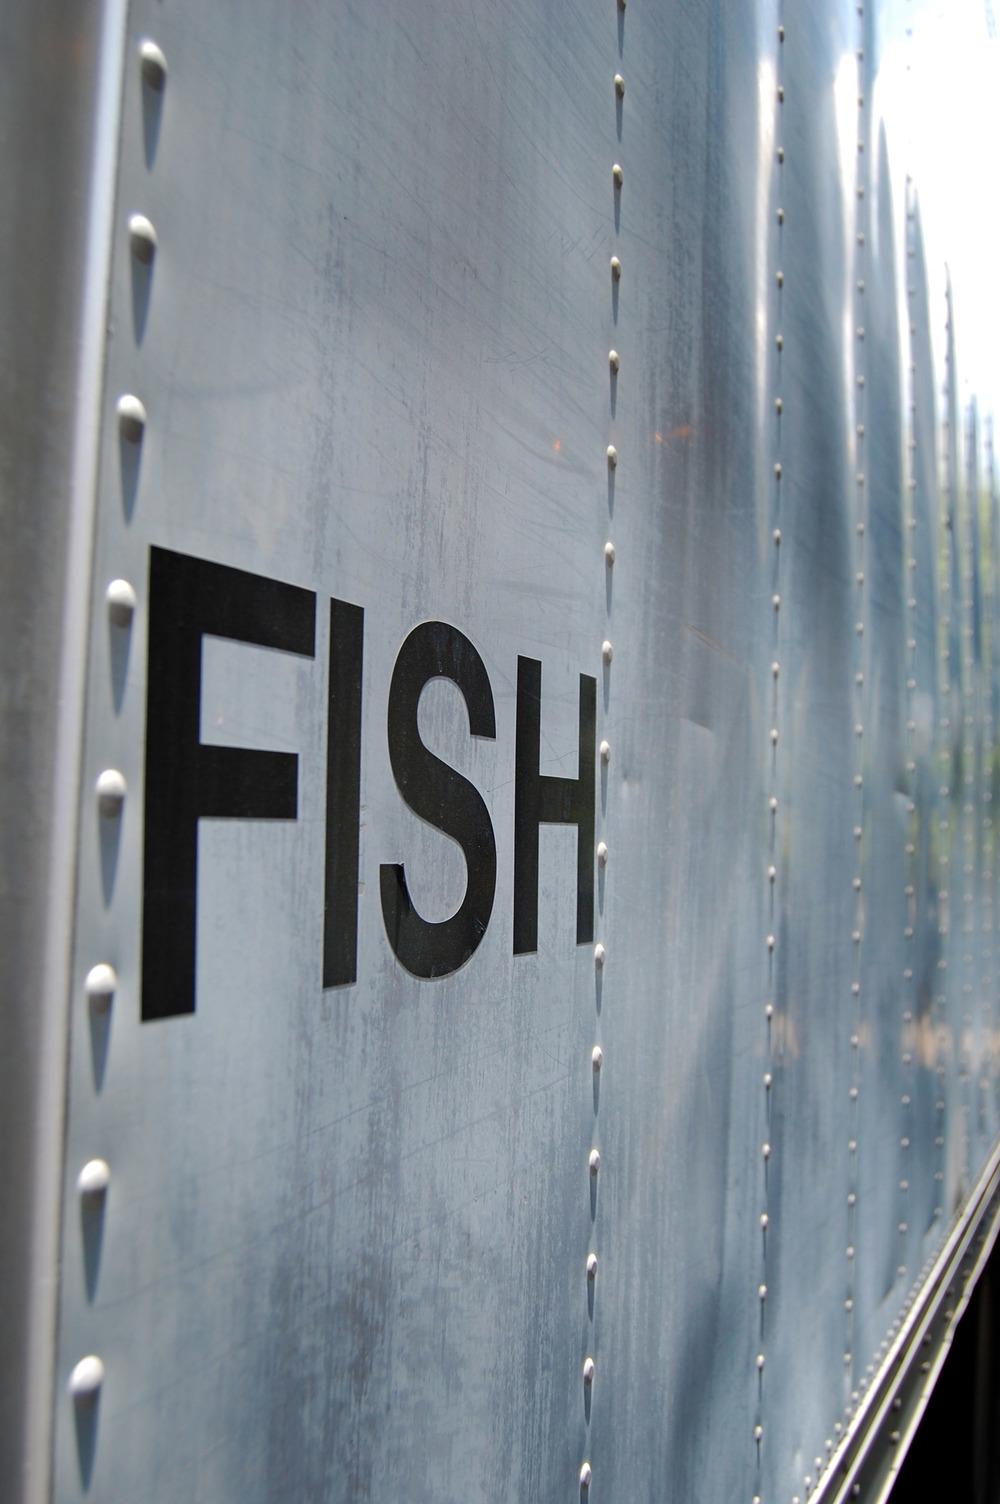 fishtruck.jpg